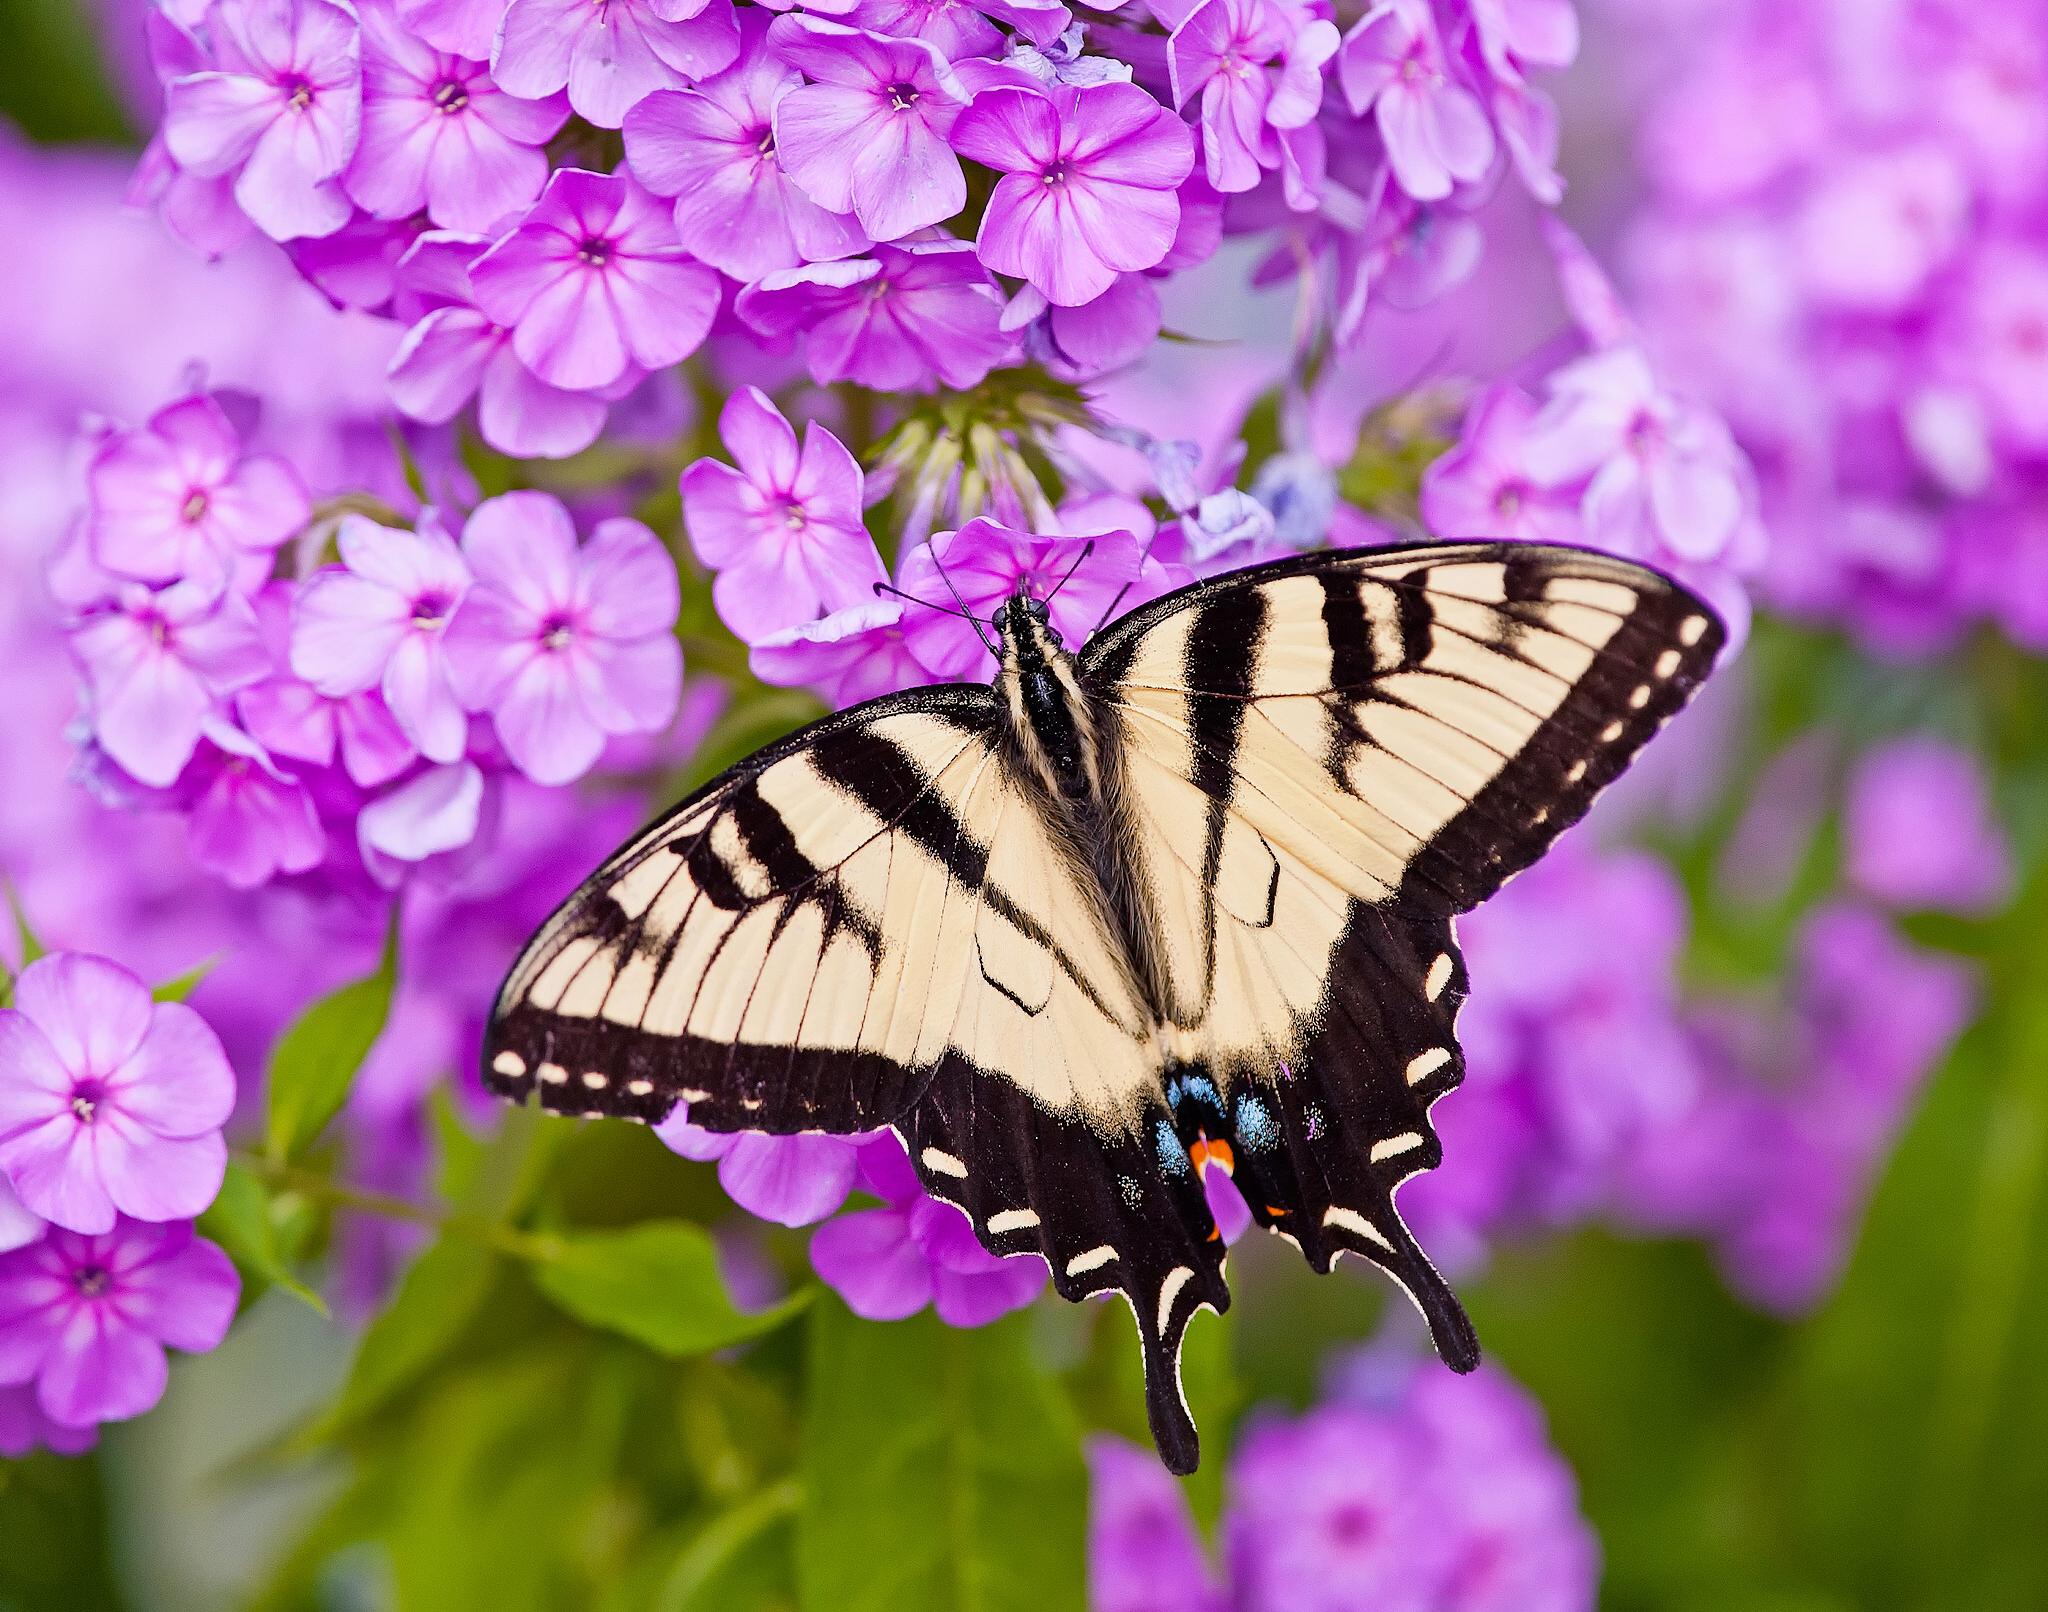 Картинка с бабочками